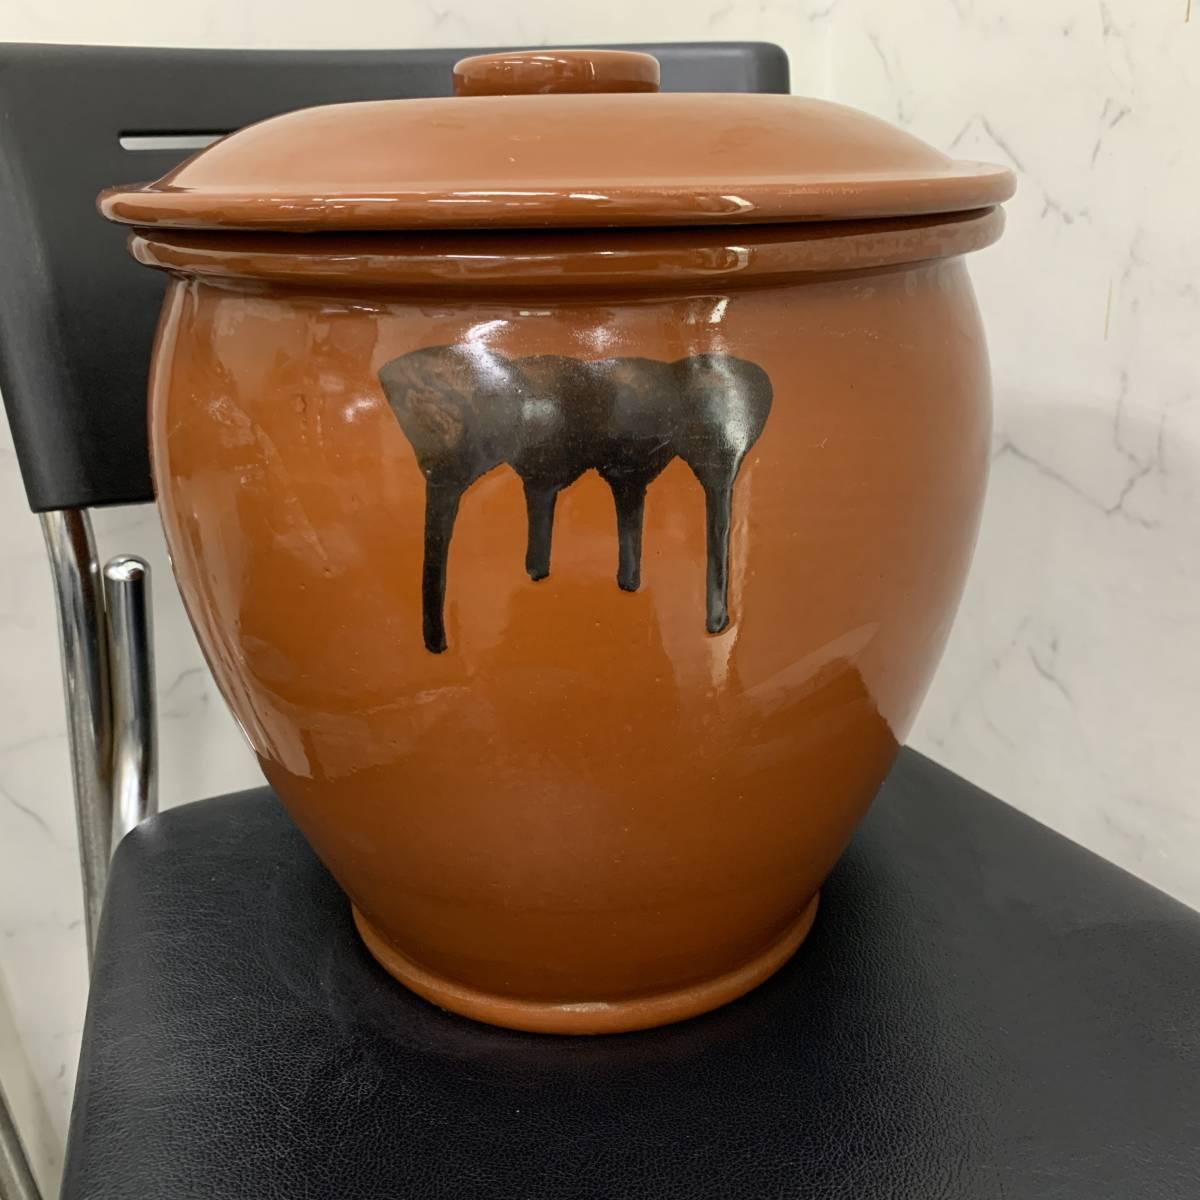 2、常滑焼 久松窯 梅干し壺 漬物容器 かめ 漬物 らっきょ 梅干 味噌 蓋付 経年保管品_画像2